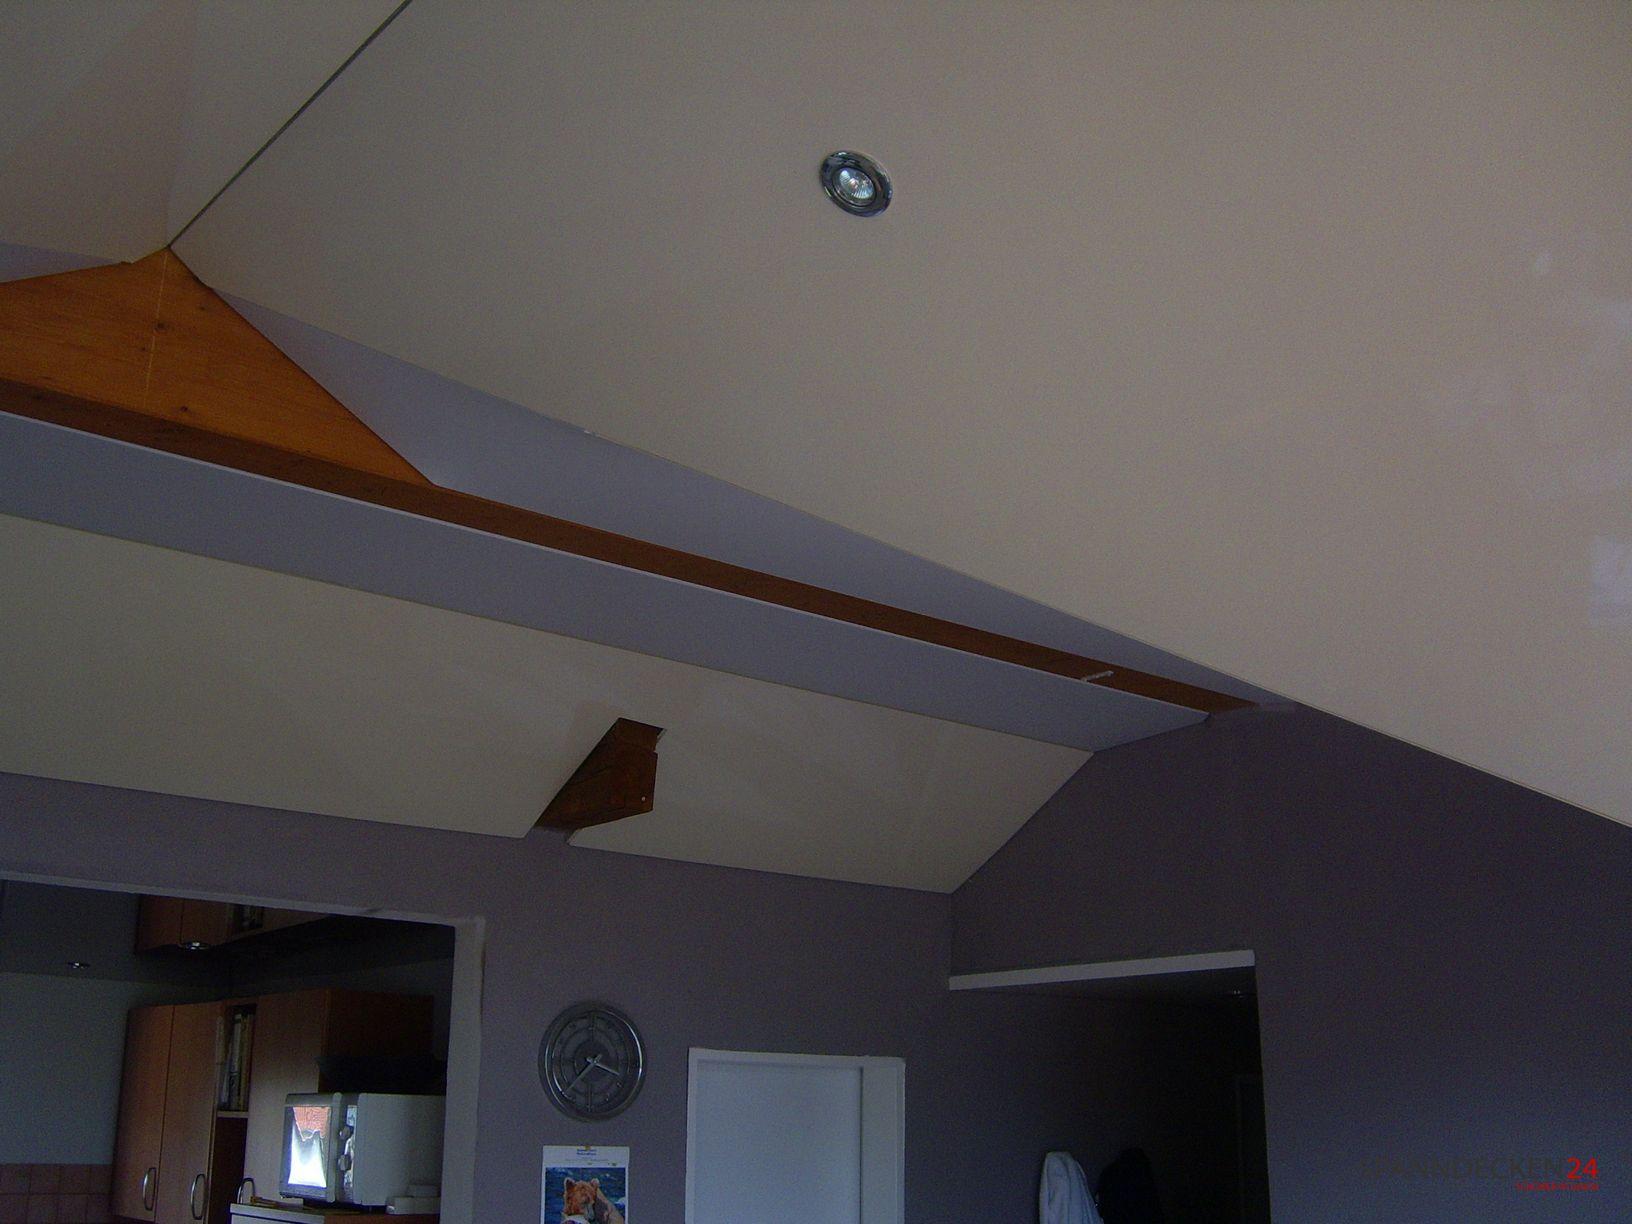 Referenzen - Spanndecken fürs Wohnzimmer, den Flur, das Bad